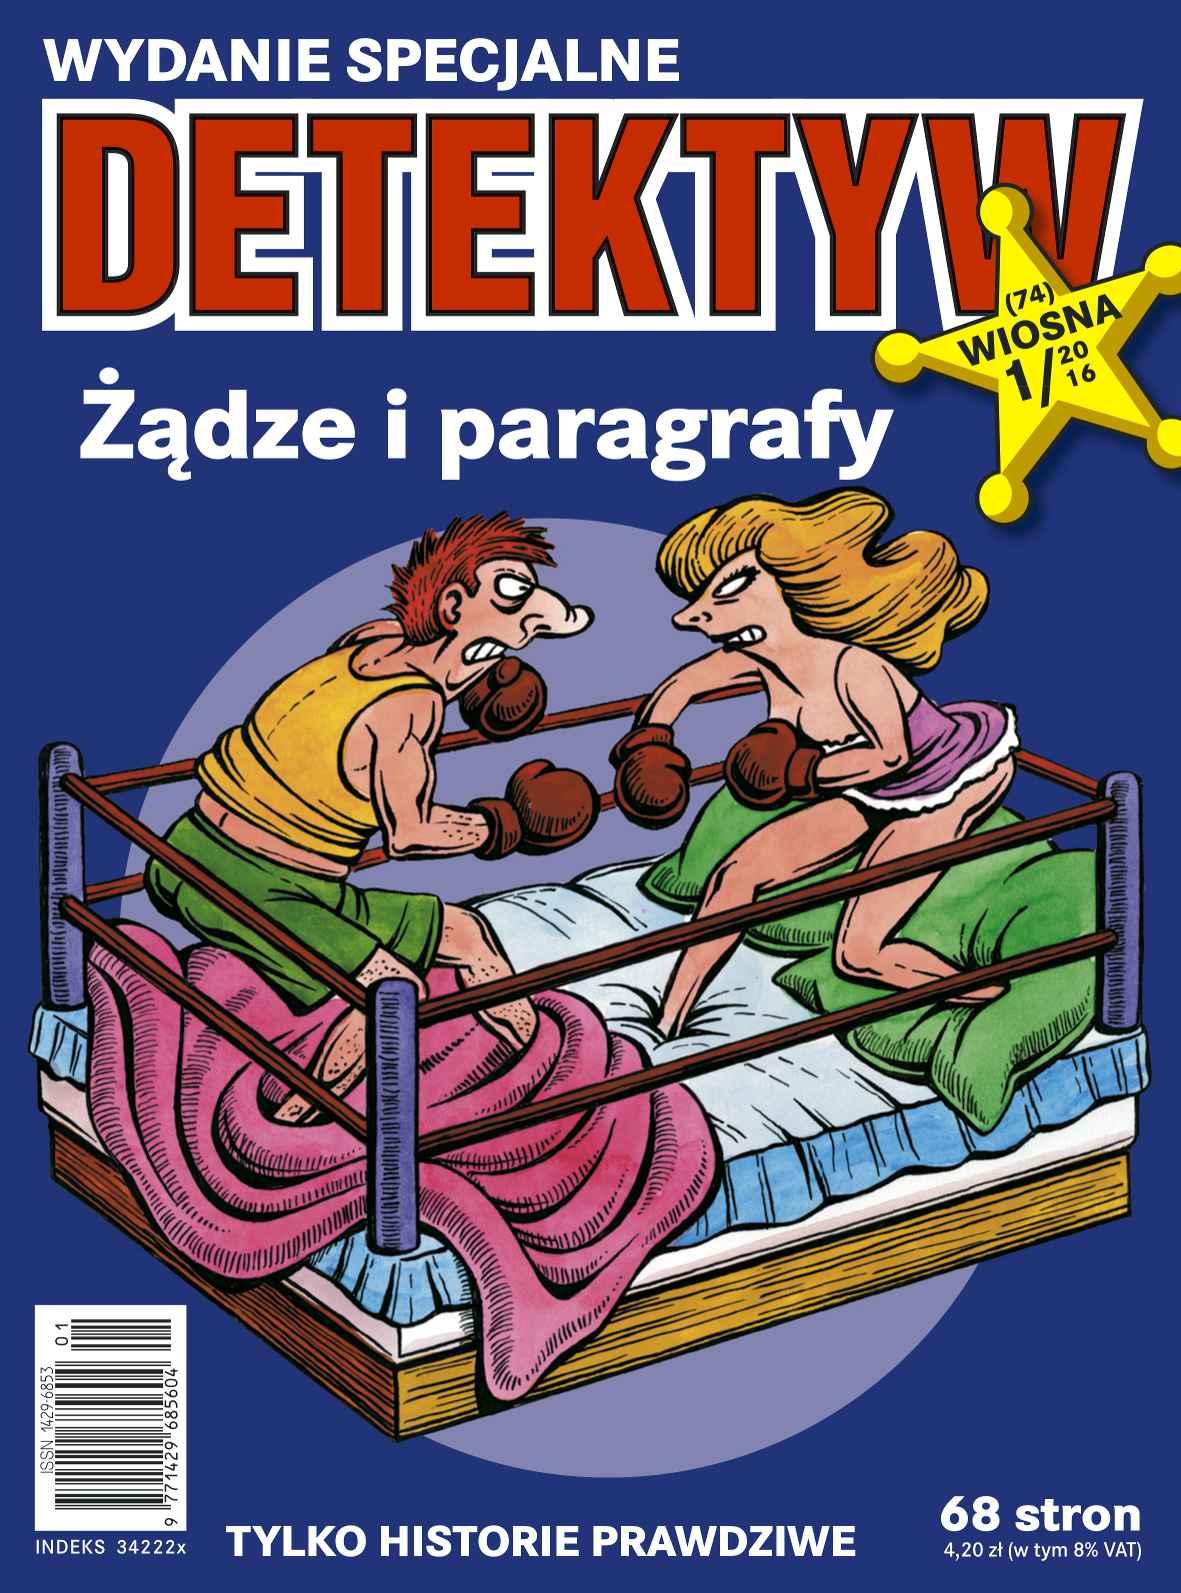 Detektyw - Wydanie Specjalne 1/2016 - Ebook (Książka EPUB) do pobrania w formacie EPUB